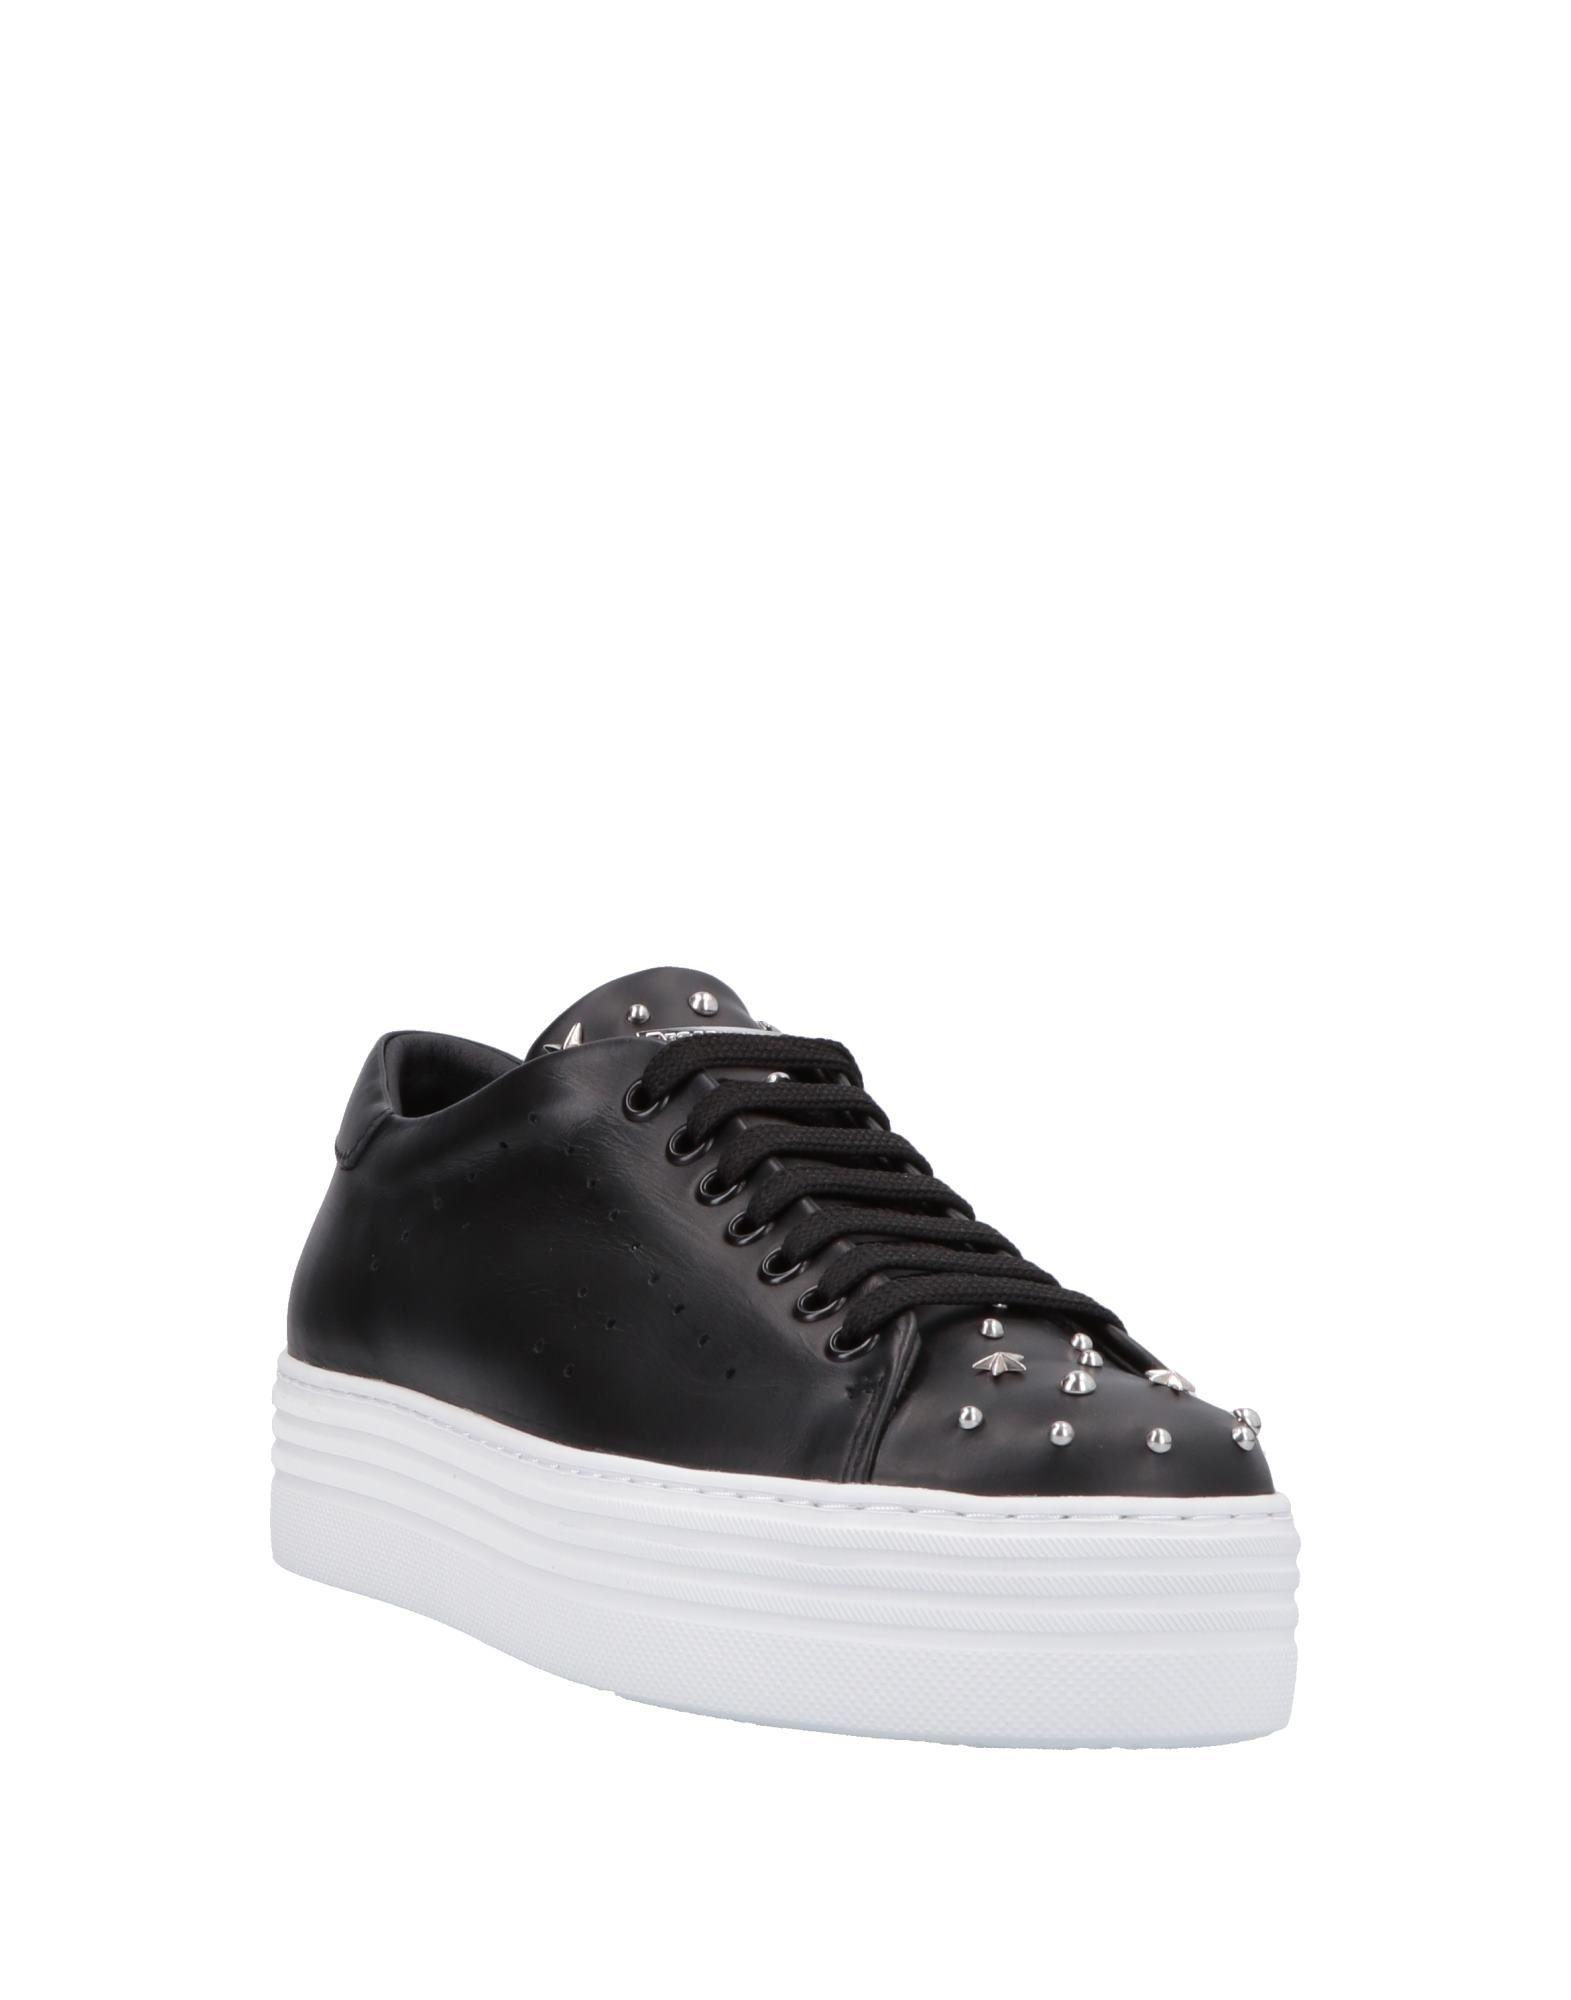 Tosca Blu Schuhes Sneakers es Damen Gutes Preis-Leistungs-Verhältnis, es Sneakers lohnt sich 49a0dd